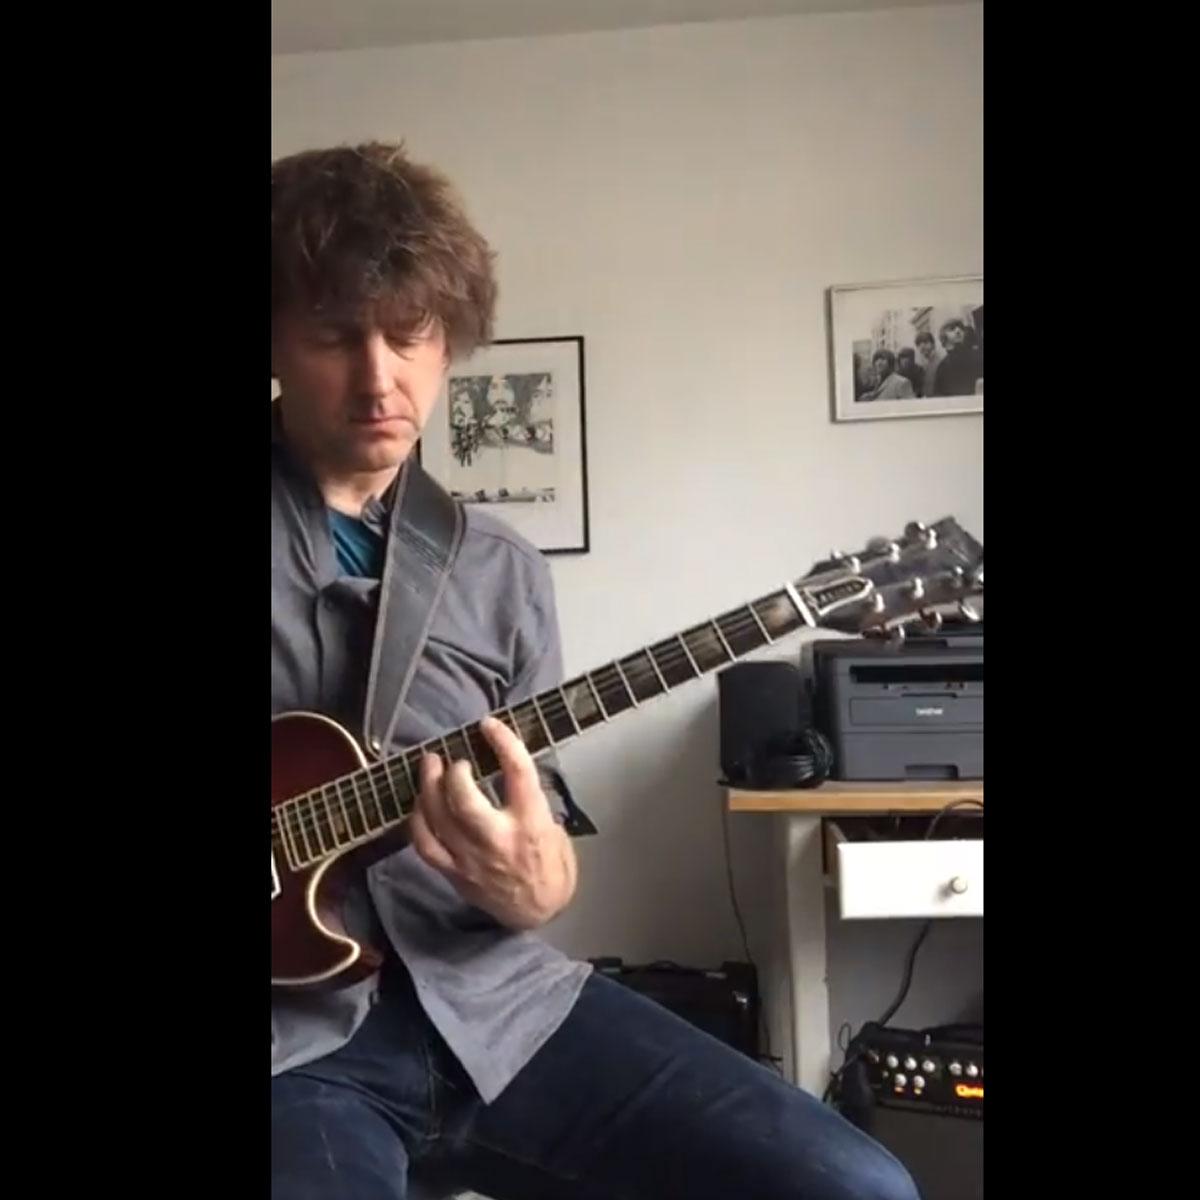 Neulich auf meiner Slaman Ginger 2 Gitarre.